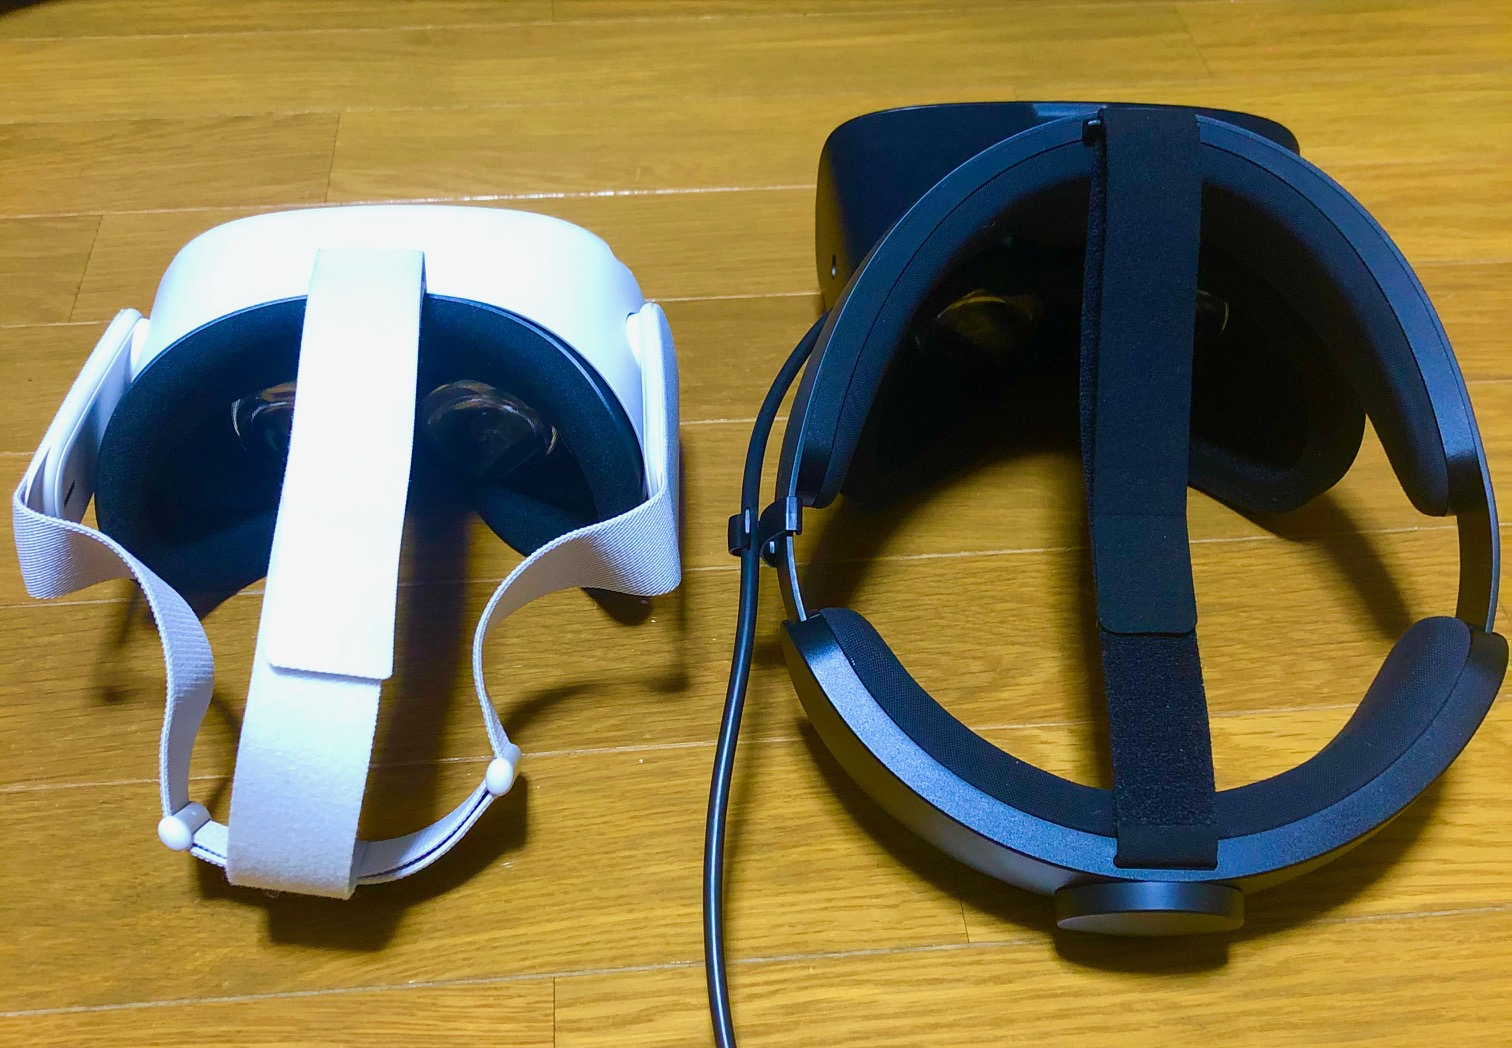 【Oculus Rift S】からの【Oculus Quest2】 買いかえなくていい理由3つ2